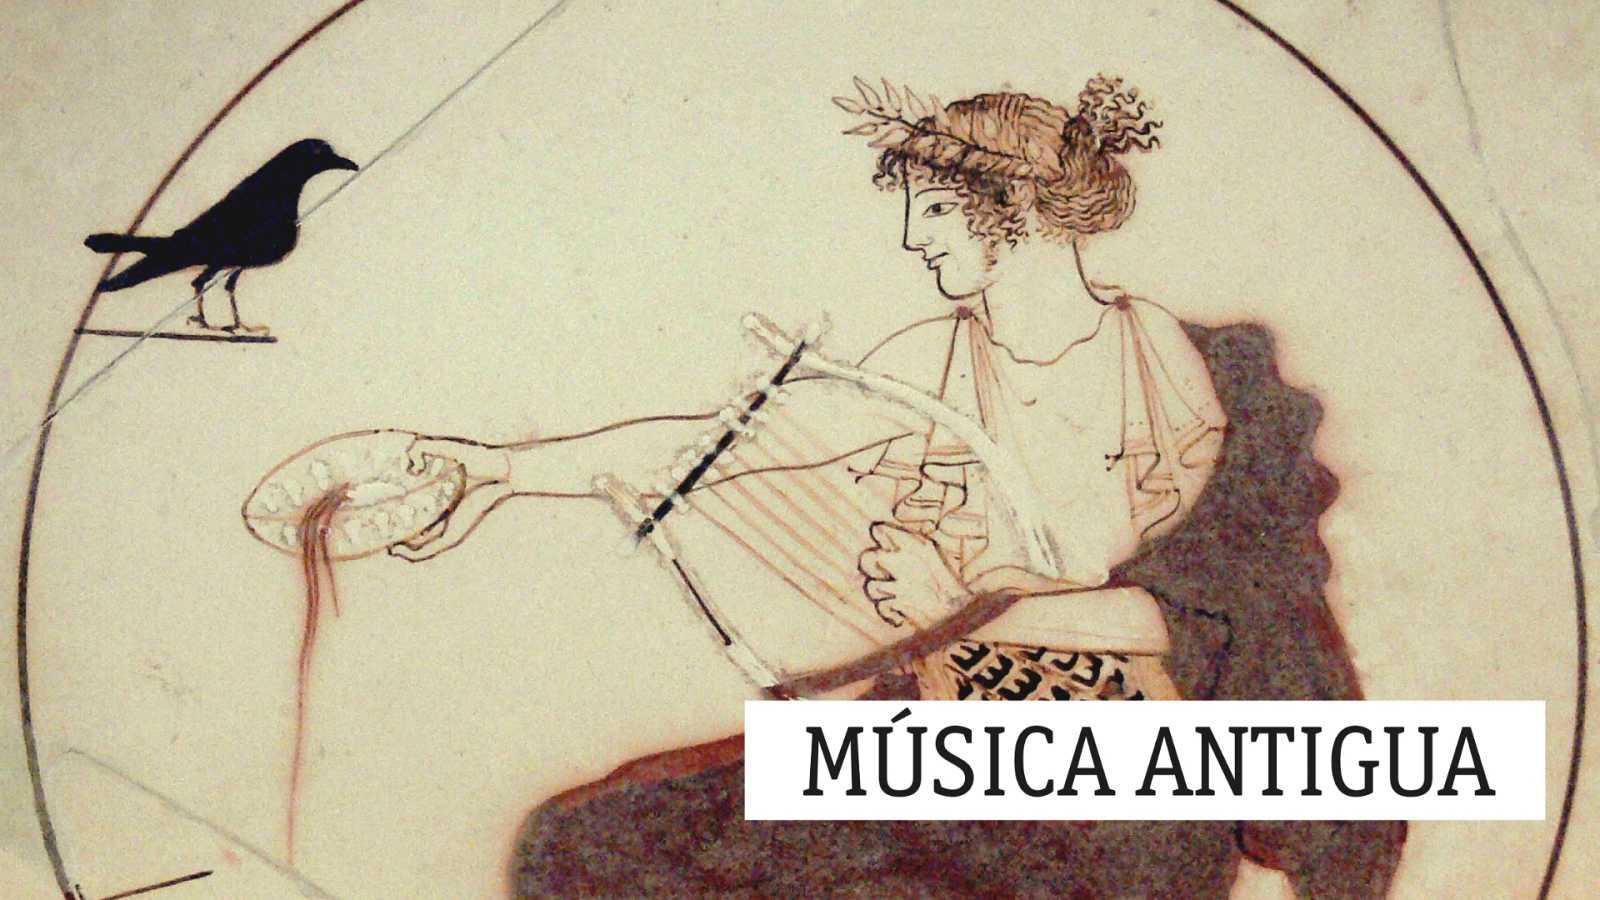 Música antigua - Amor (I) - 26/05/20 - escuchar ahora